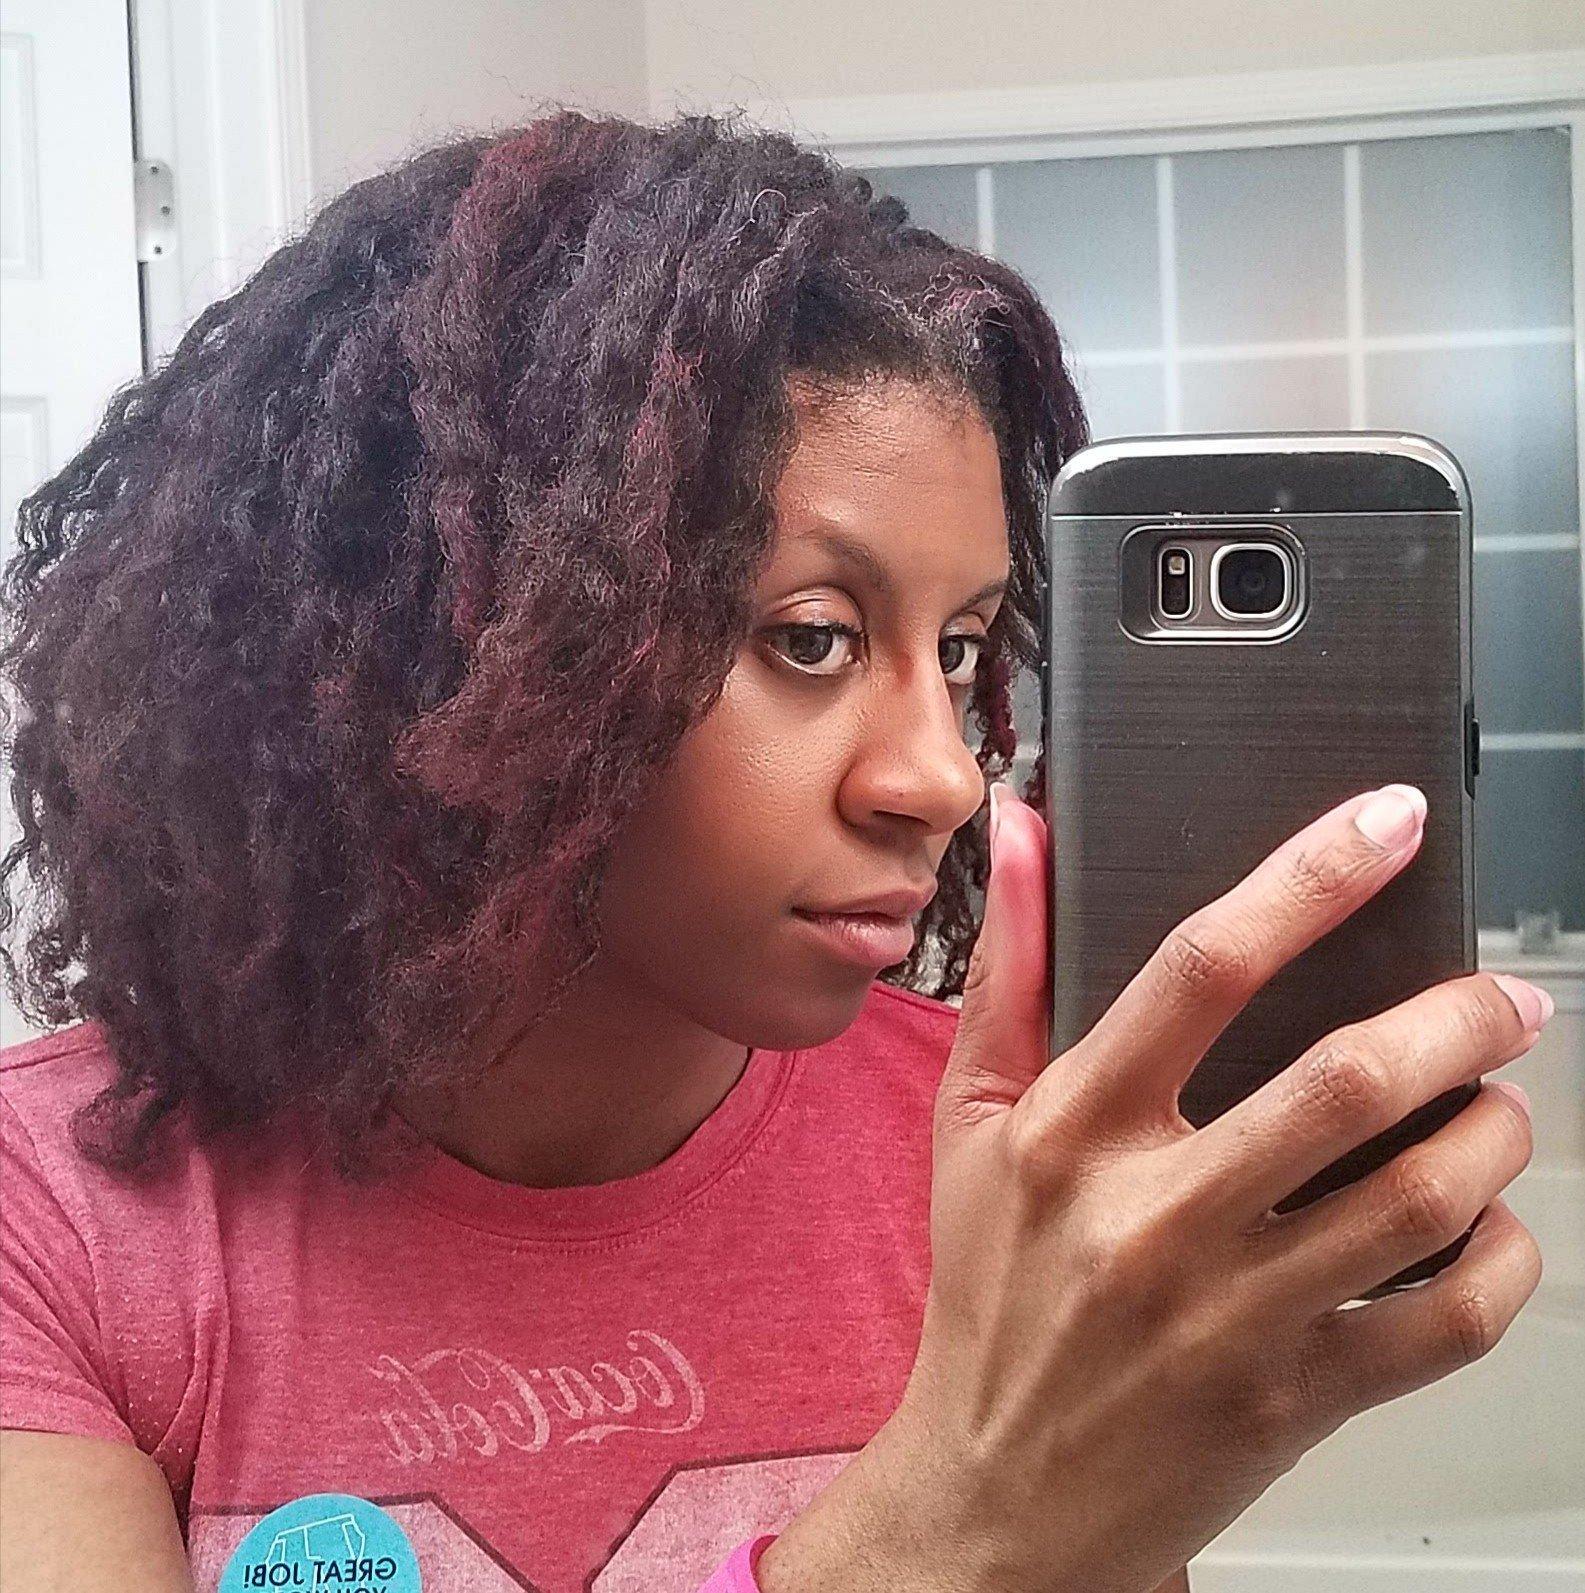 long-reddish-hair